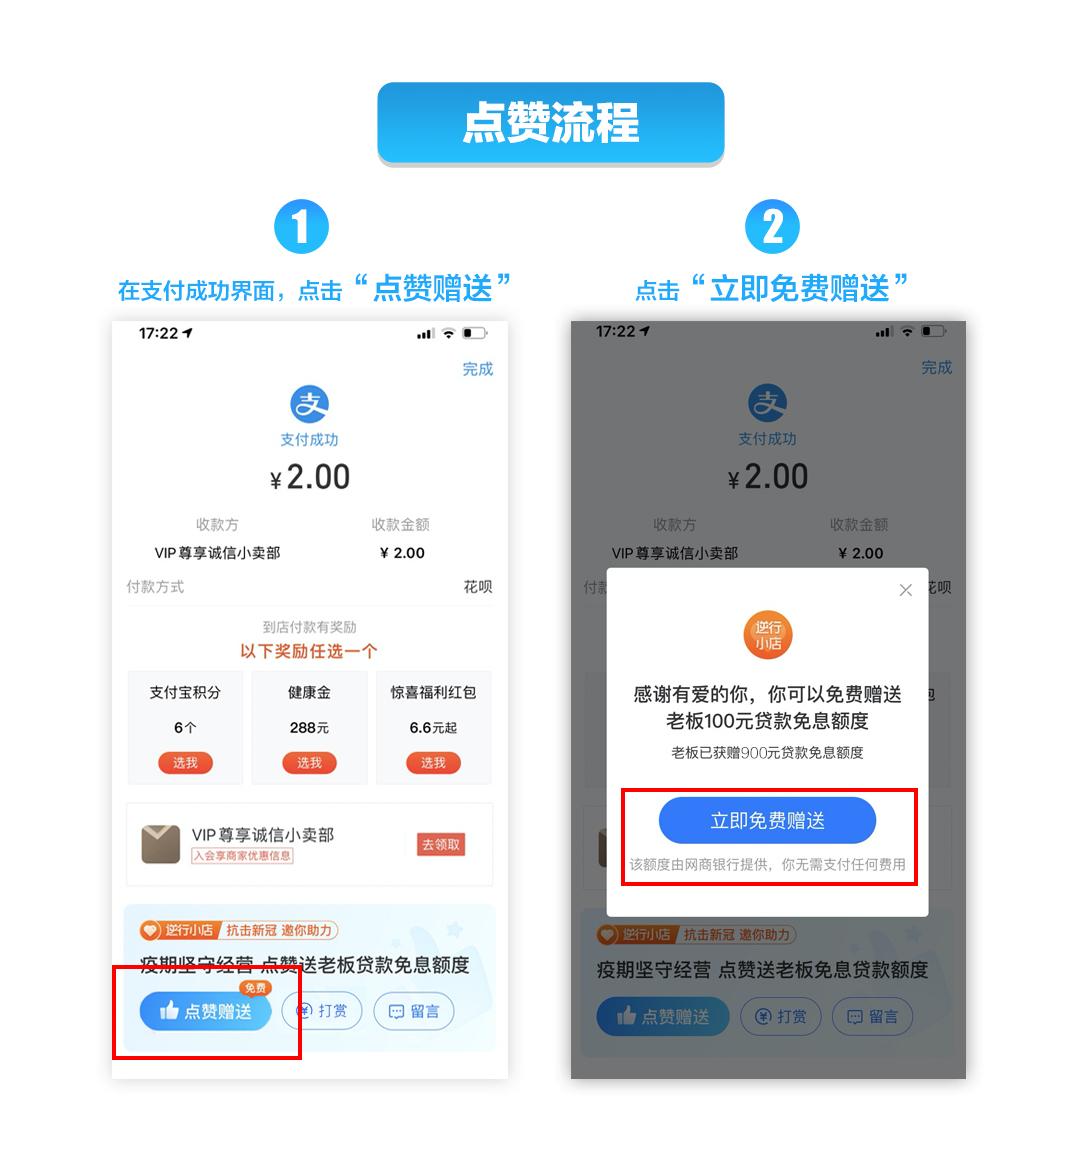 http://www.xqweigou.com/zhengceguanzhu/109601.html